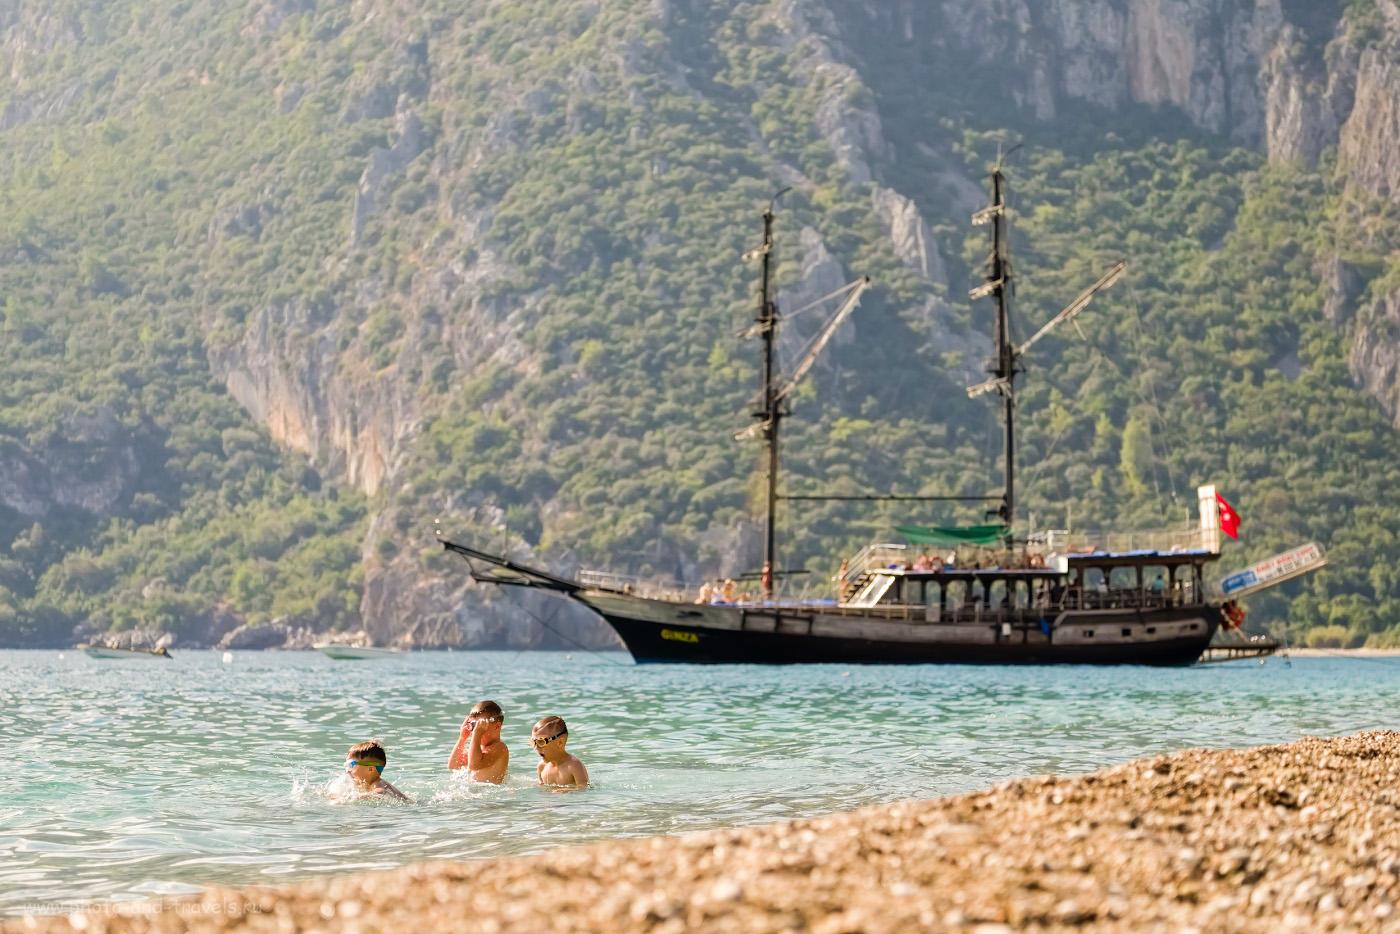 15. Дети купаются на пляже Чирали. На заднем плане – турецкая гулета (тип древнего судна для каботажного плавания в море) и гора Муса-Даг. 1/1600, 3.8, 200, -0.33, 82.